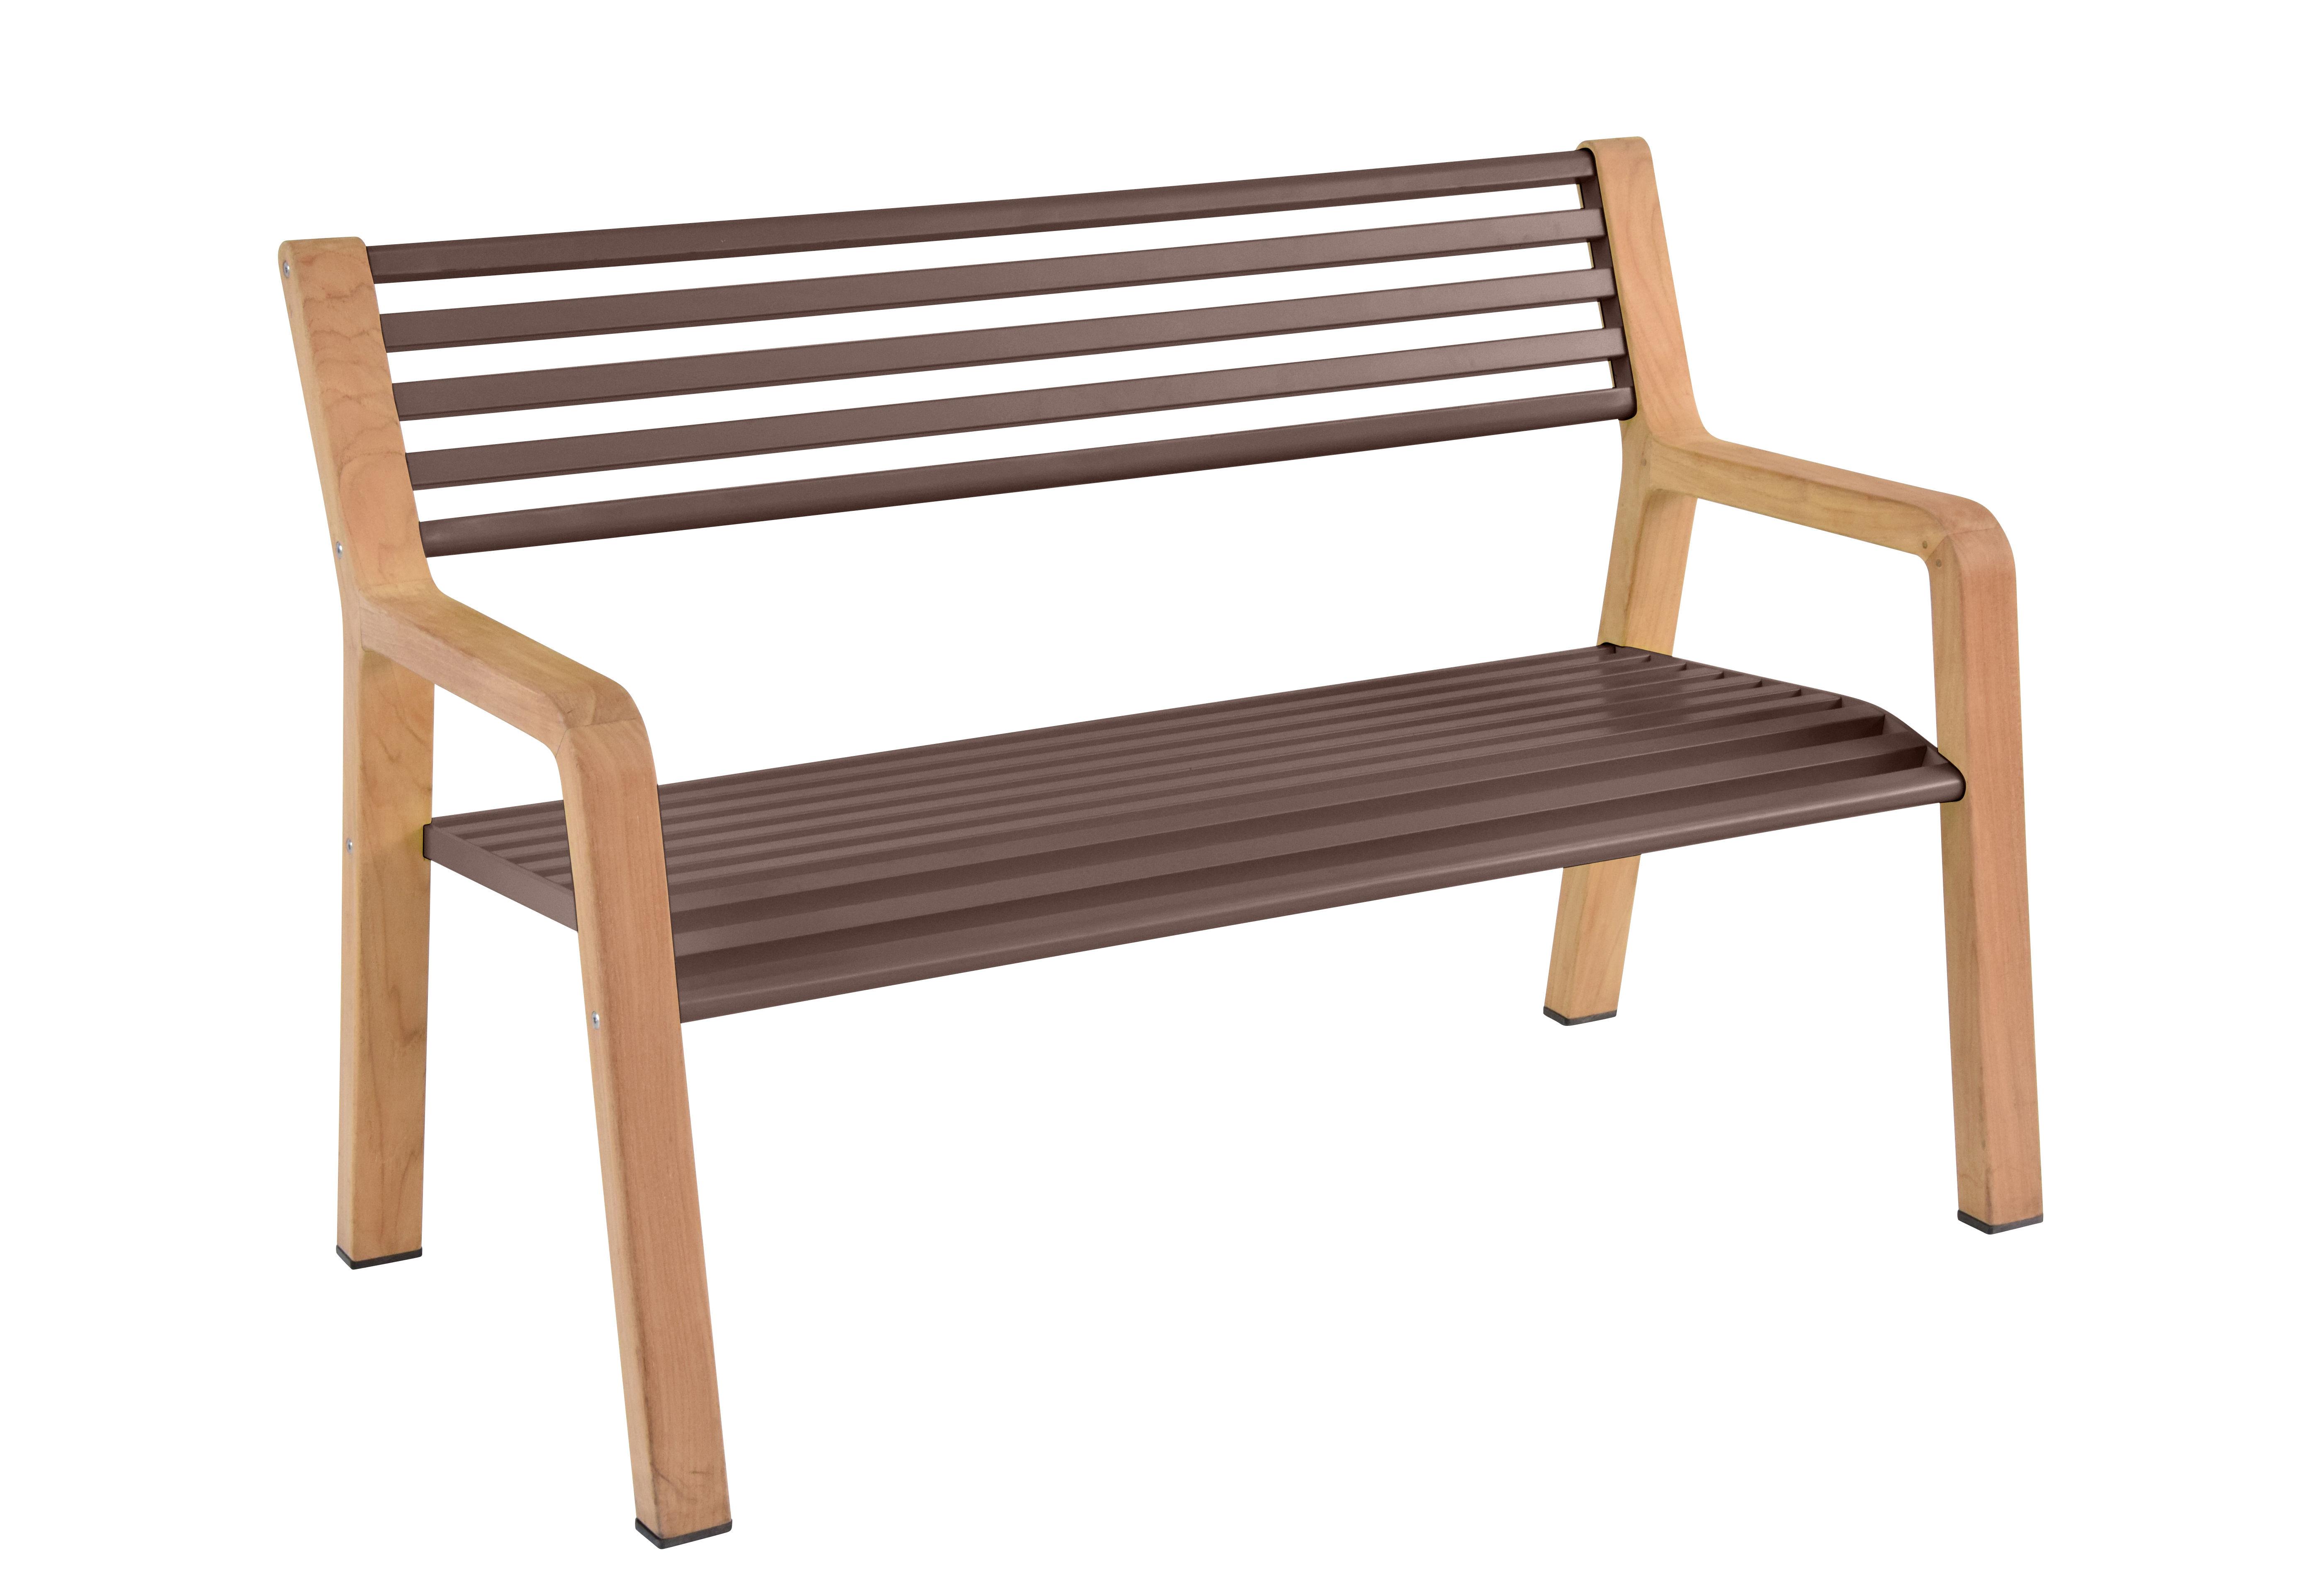 Arredamento - Panchine - Panca con schienale Somerset - / Legno & Metallo - L 122 cm di Fermob - Ruggine/ Legno - alluminio verniciato, Teak oliato